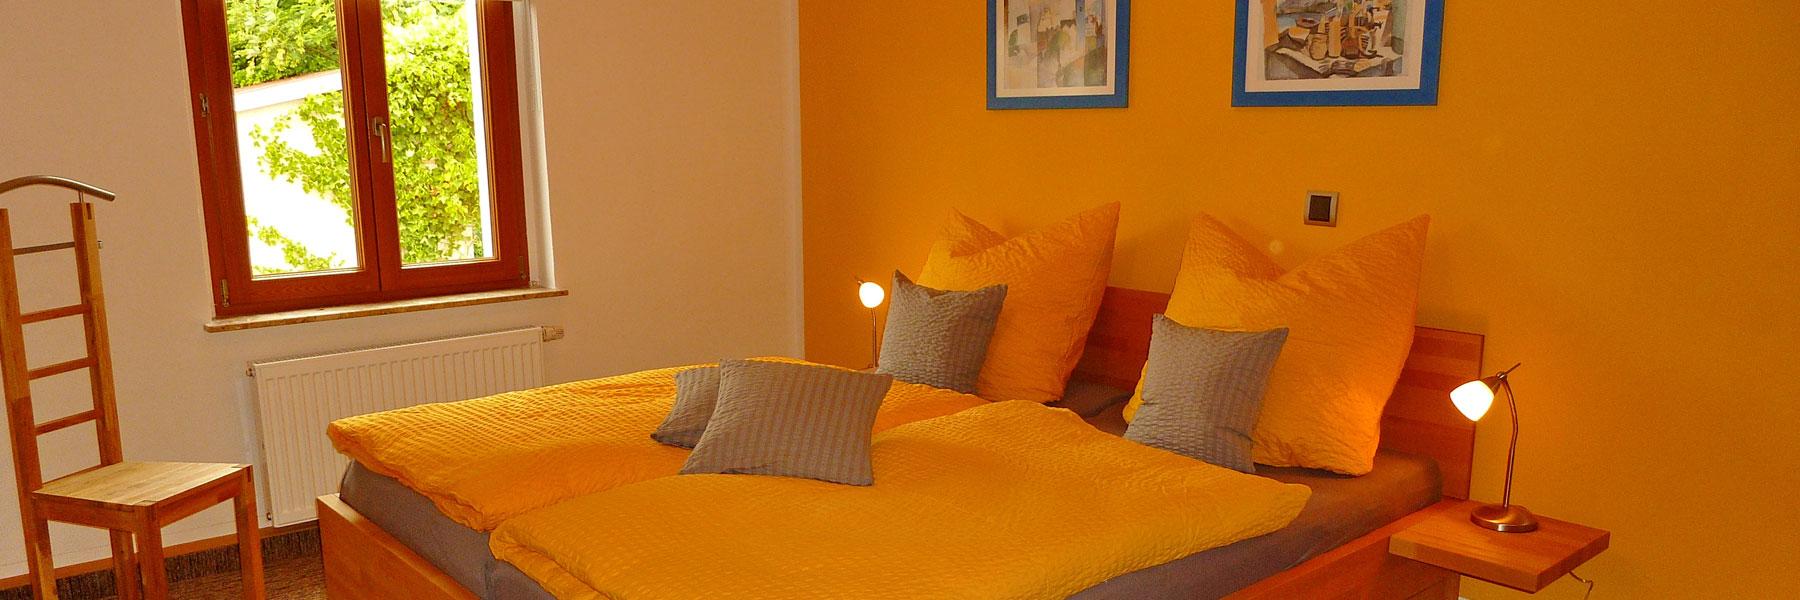 Schlafzimmer - Apartmenthaus Waren